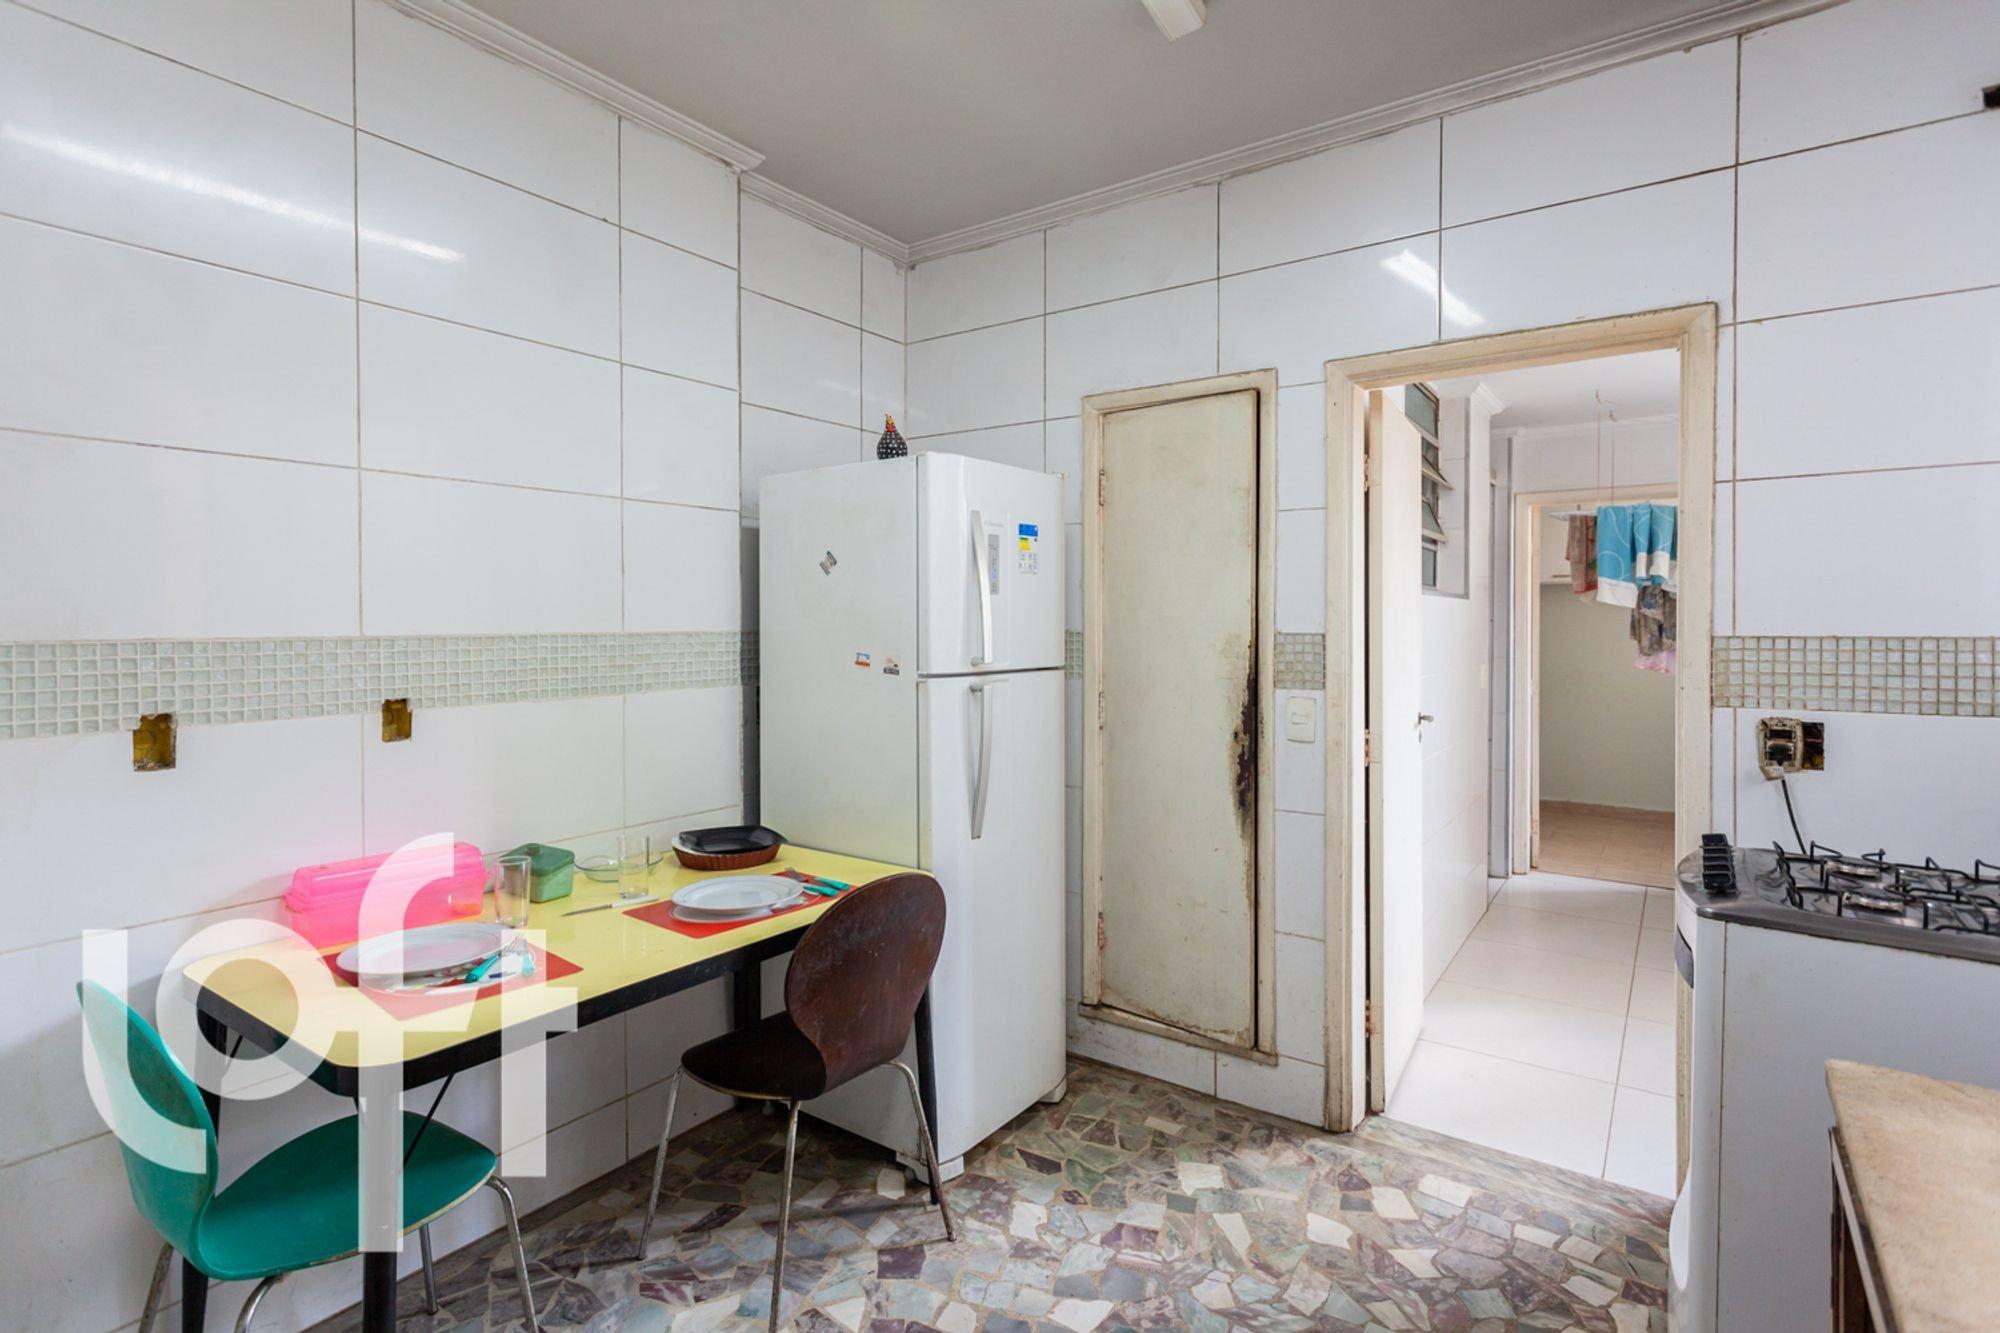 Foto de Cozinha com geladeira, cadeira, mesa de jantar